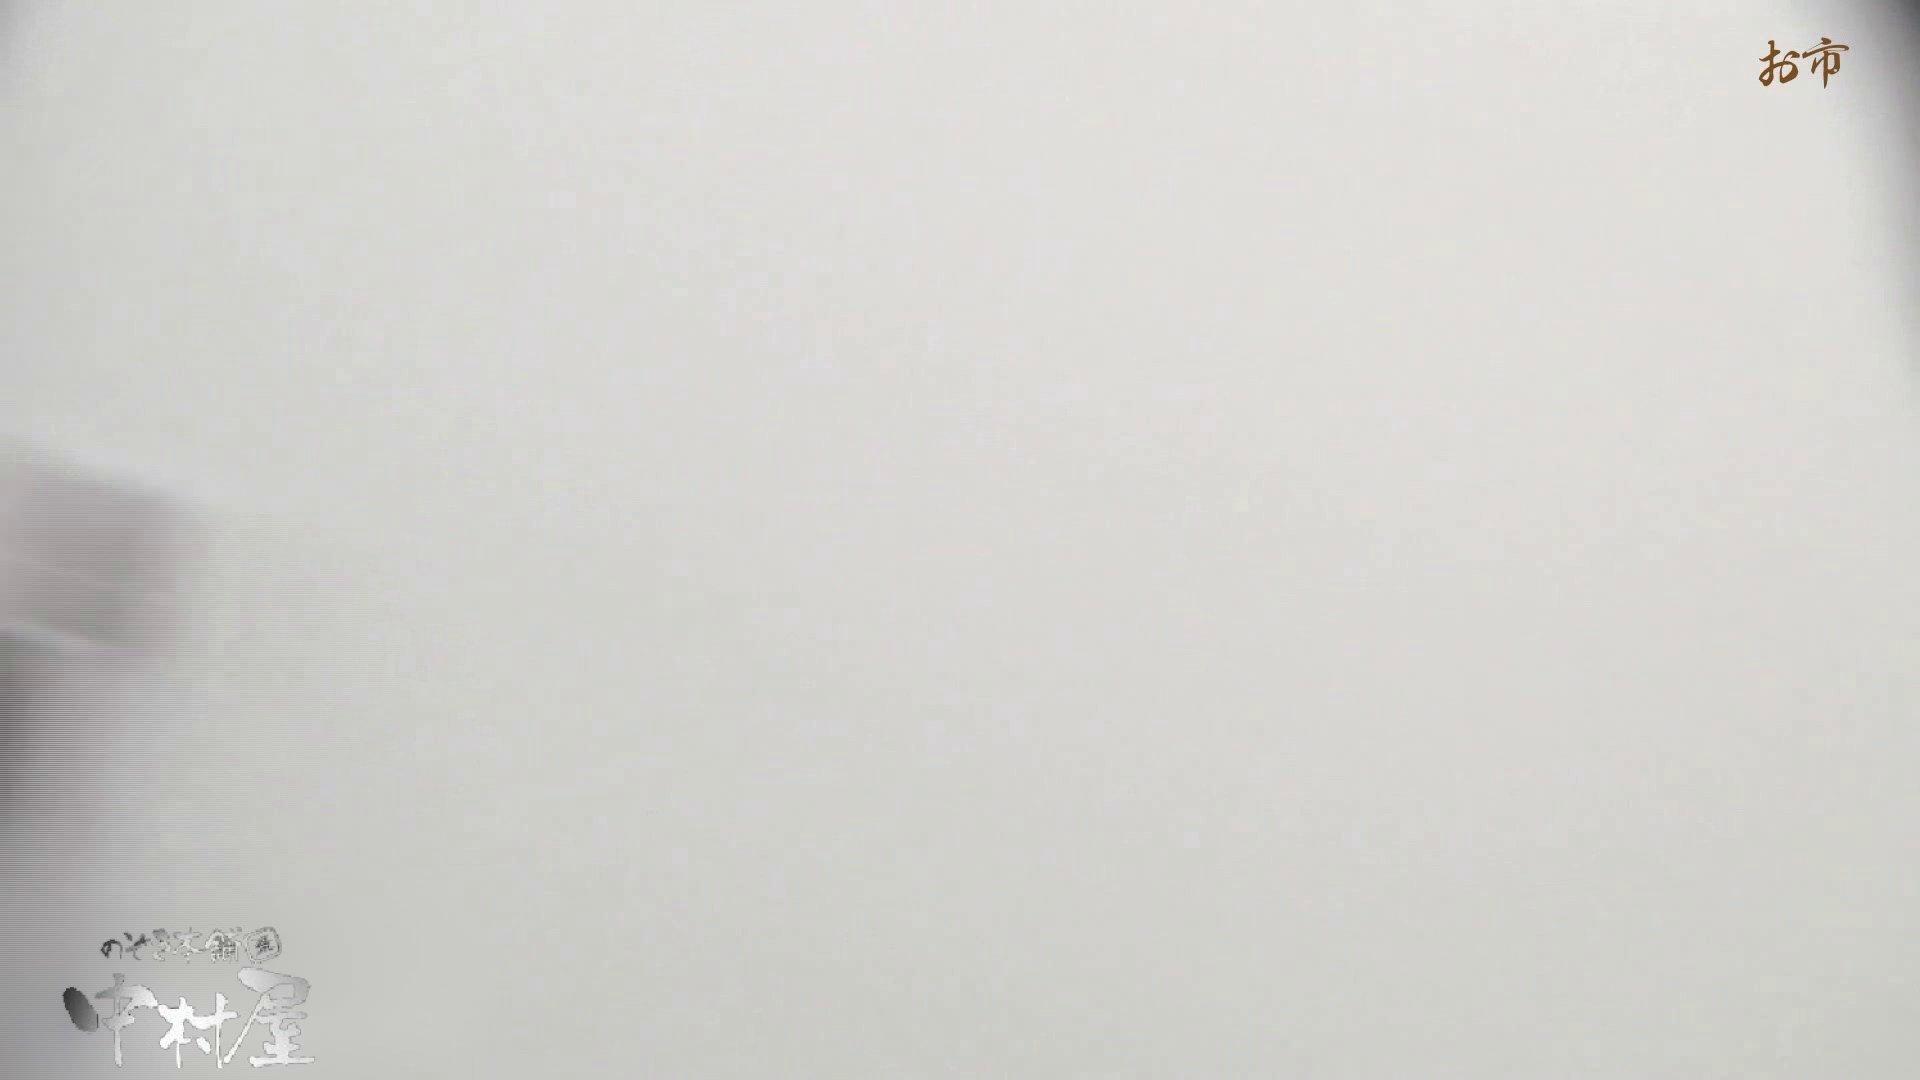 お市さんの「お尻丸出しジャンボリー」No.17 盗撮 おめこ無修正動画無料 106PICs 34